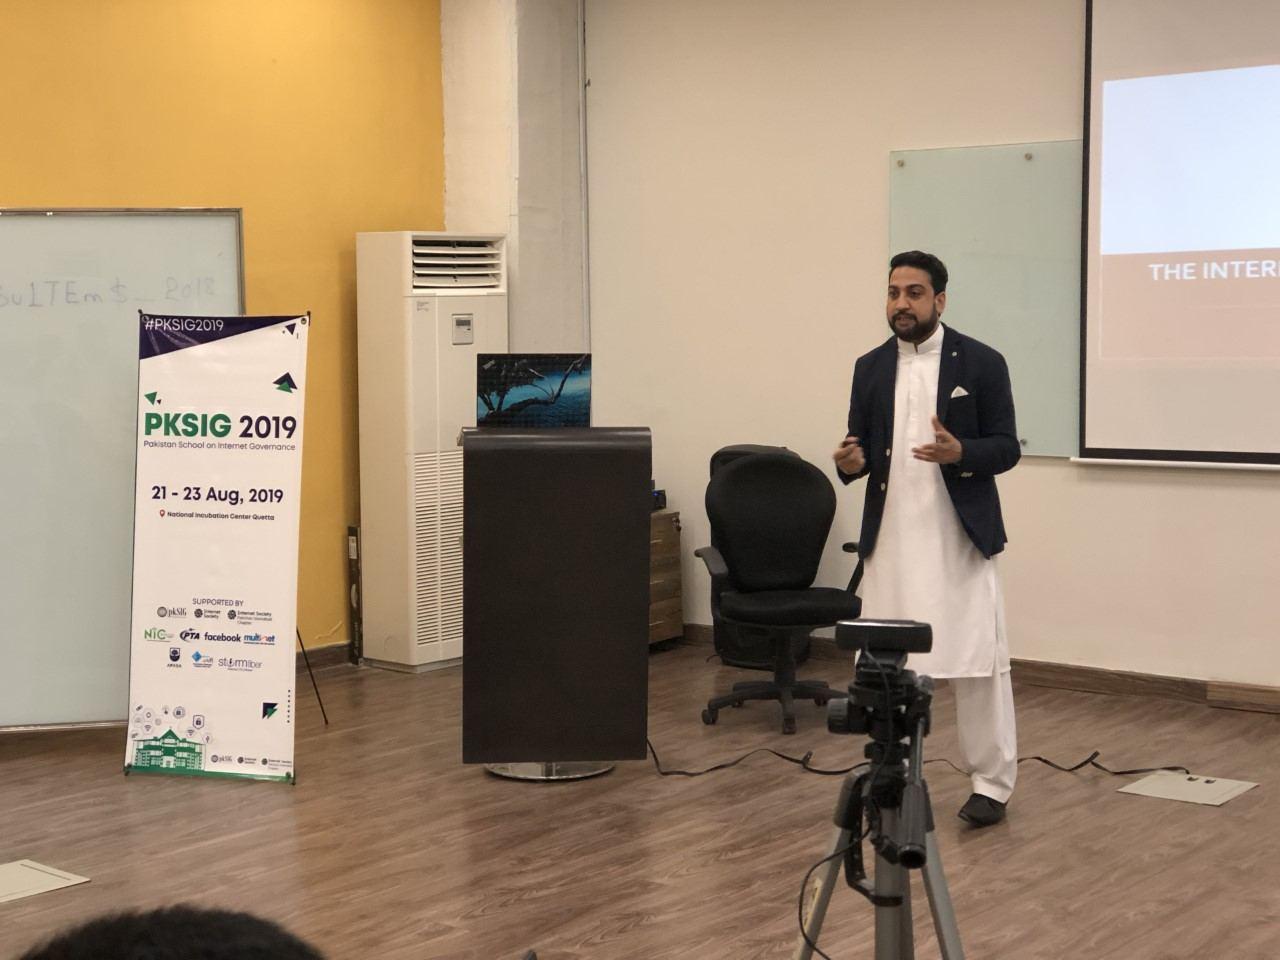 PKSIG - Quetta Workshop 21-23 Aug, 2019